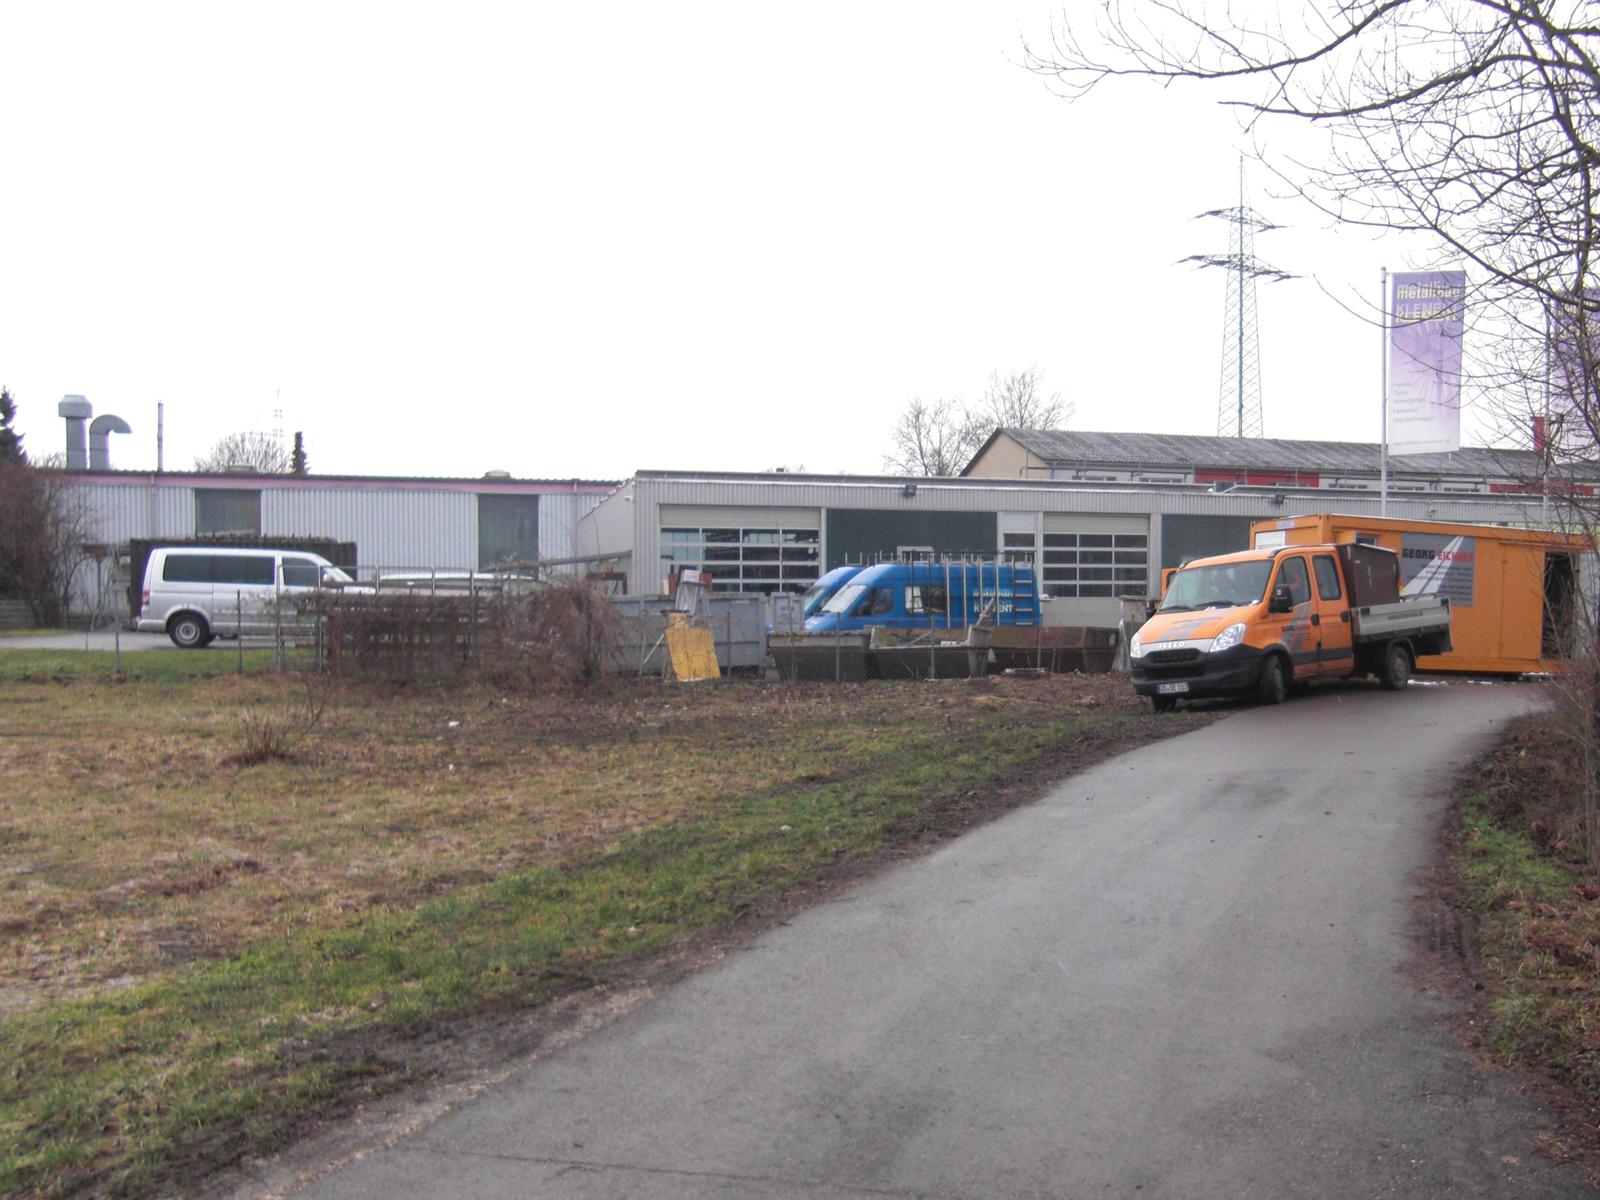 Im Bild sieht man die Brachfläche, die vor der naturnahen Umgestaltung in der Wehrstraße zu sehen war.